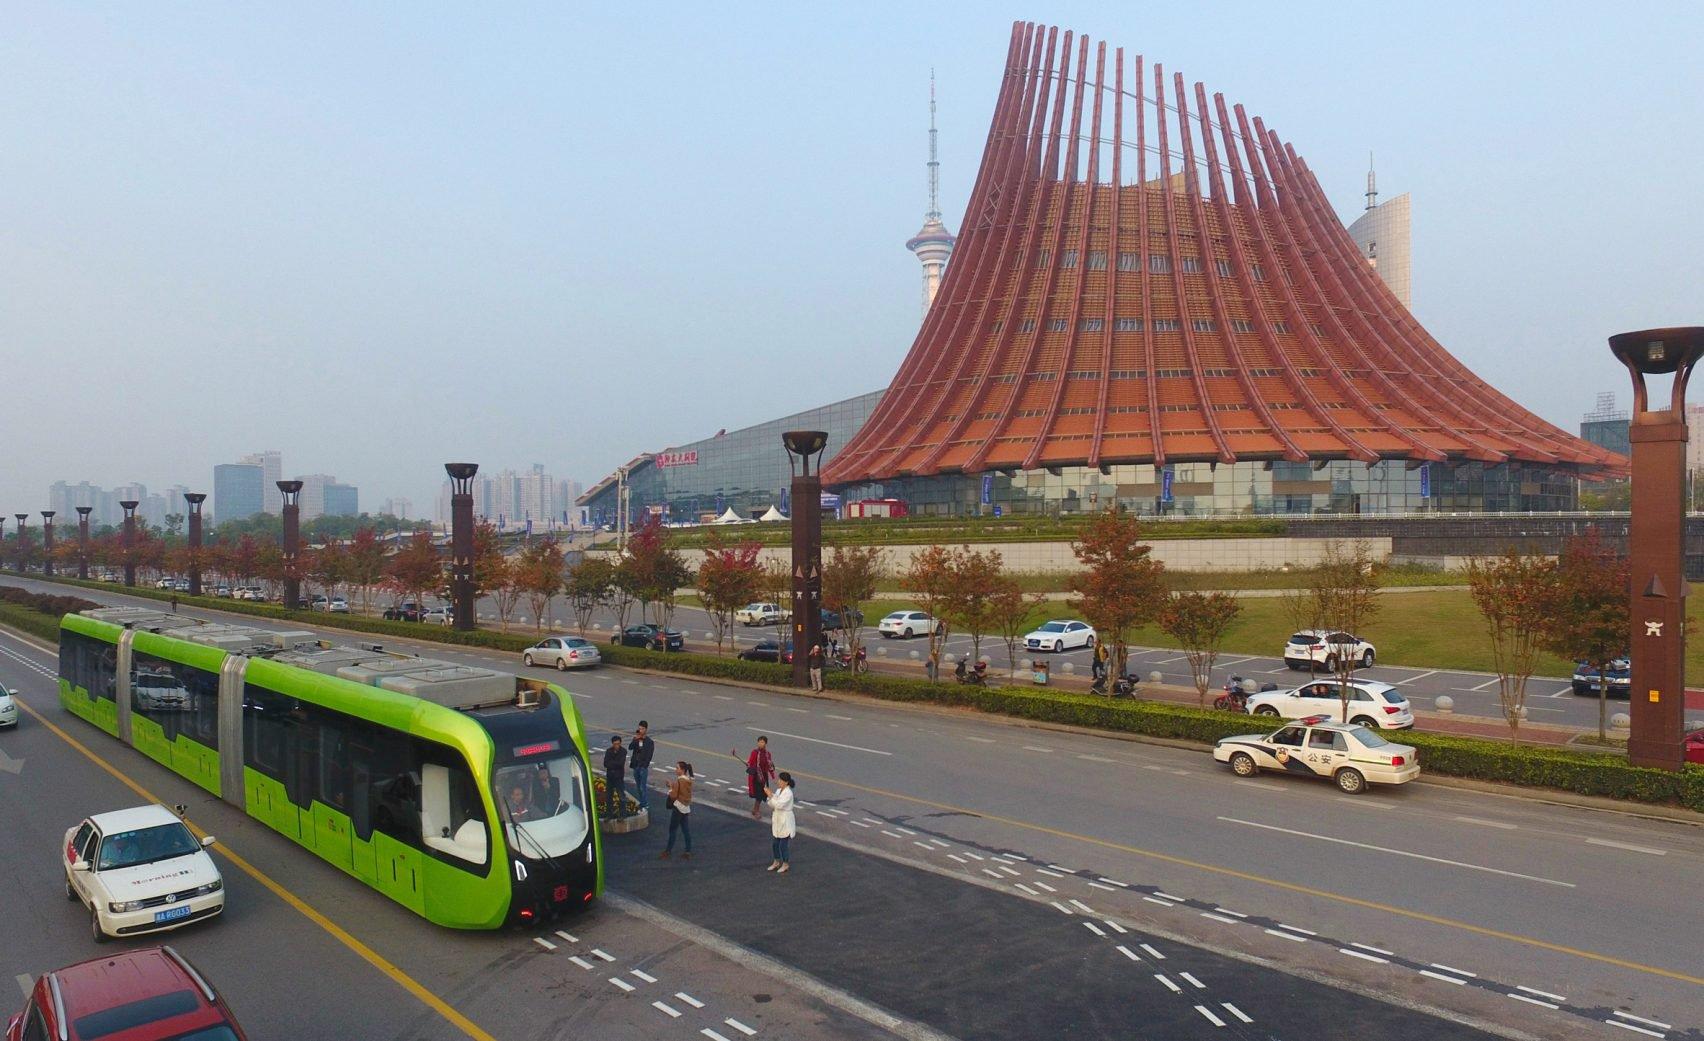 driverless_tram_01.jpg